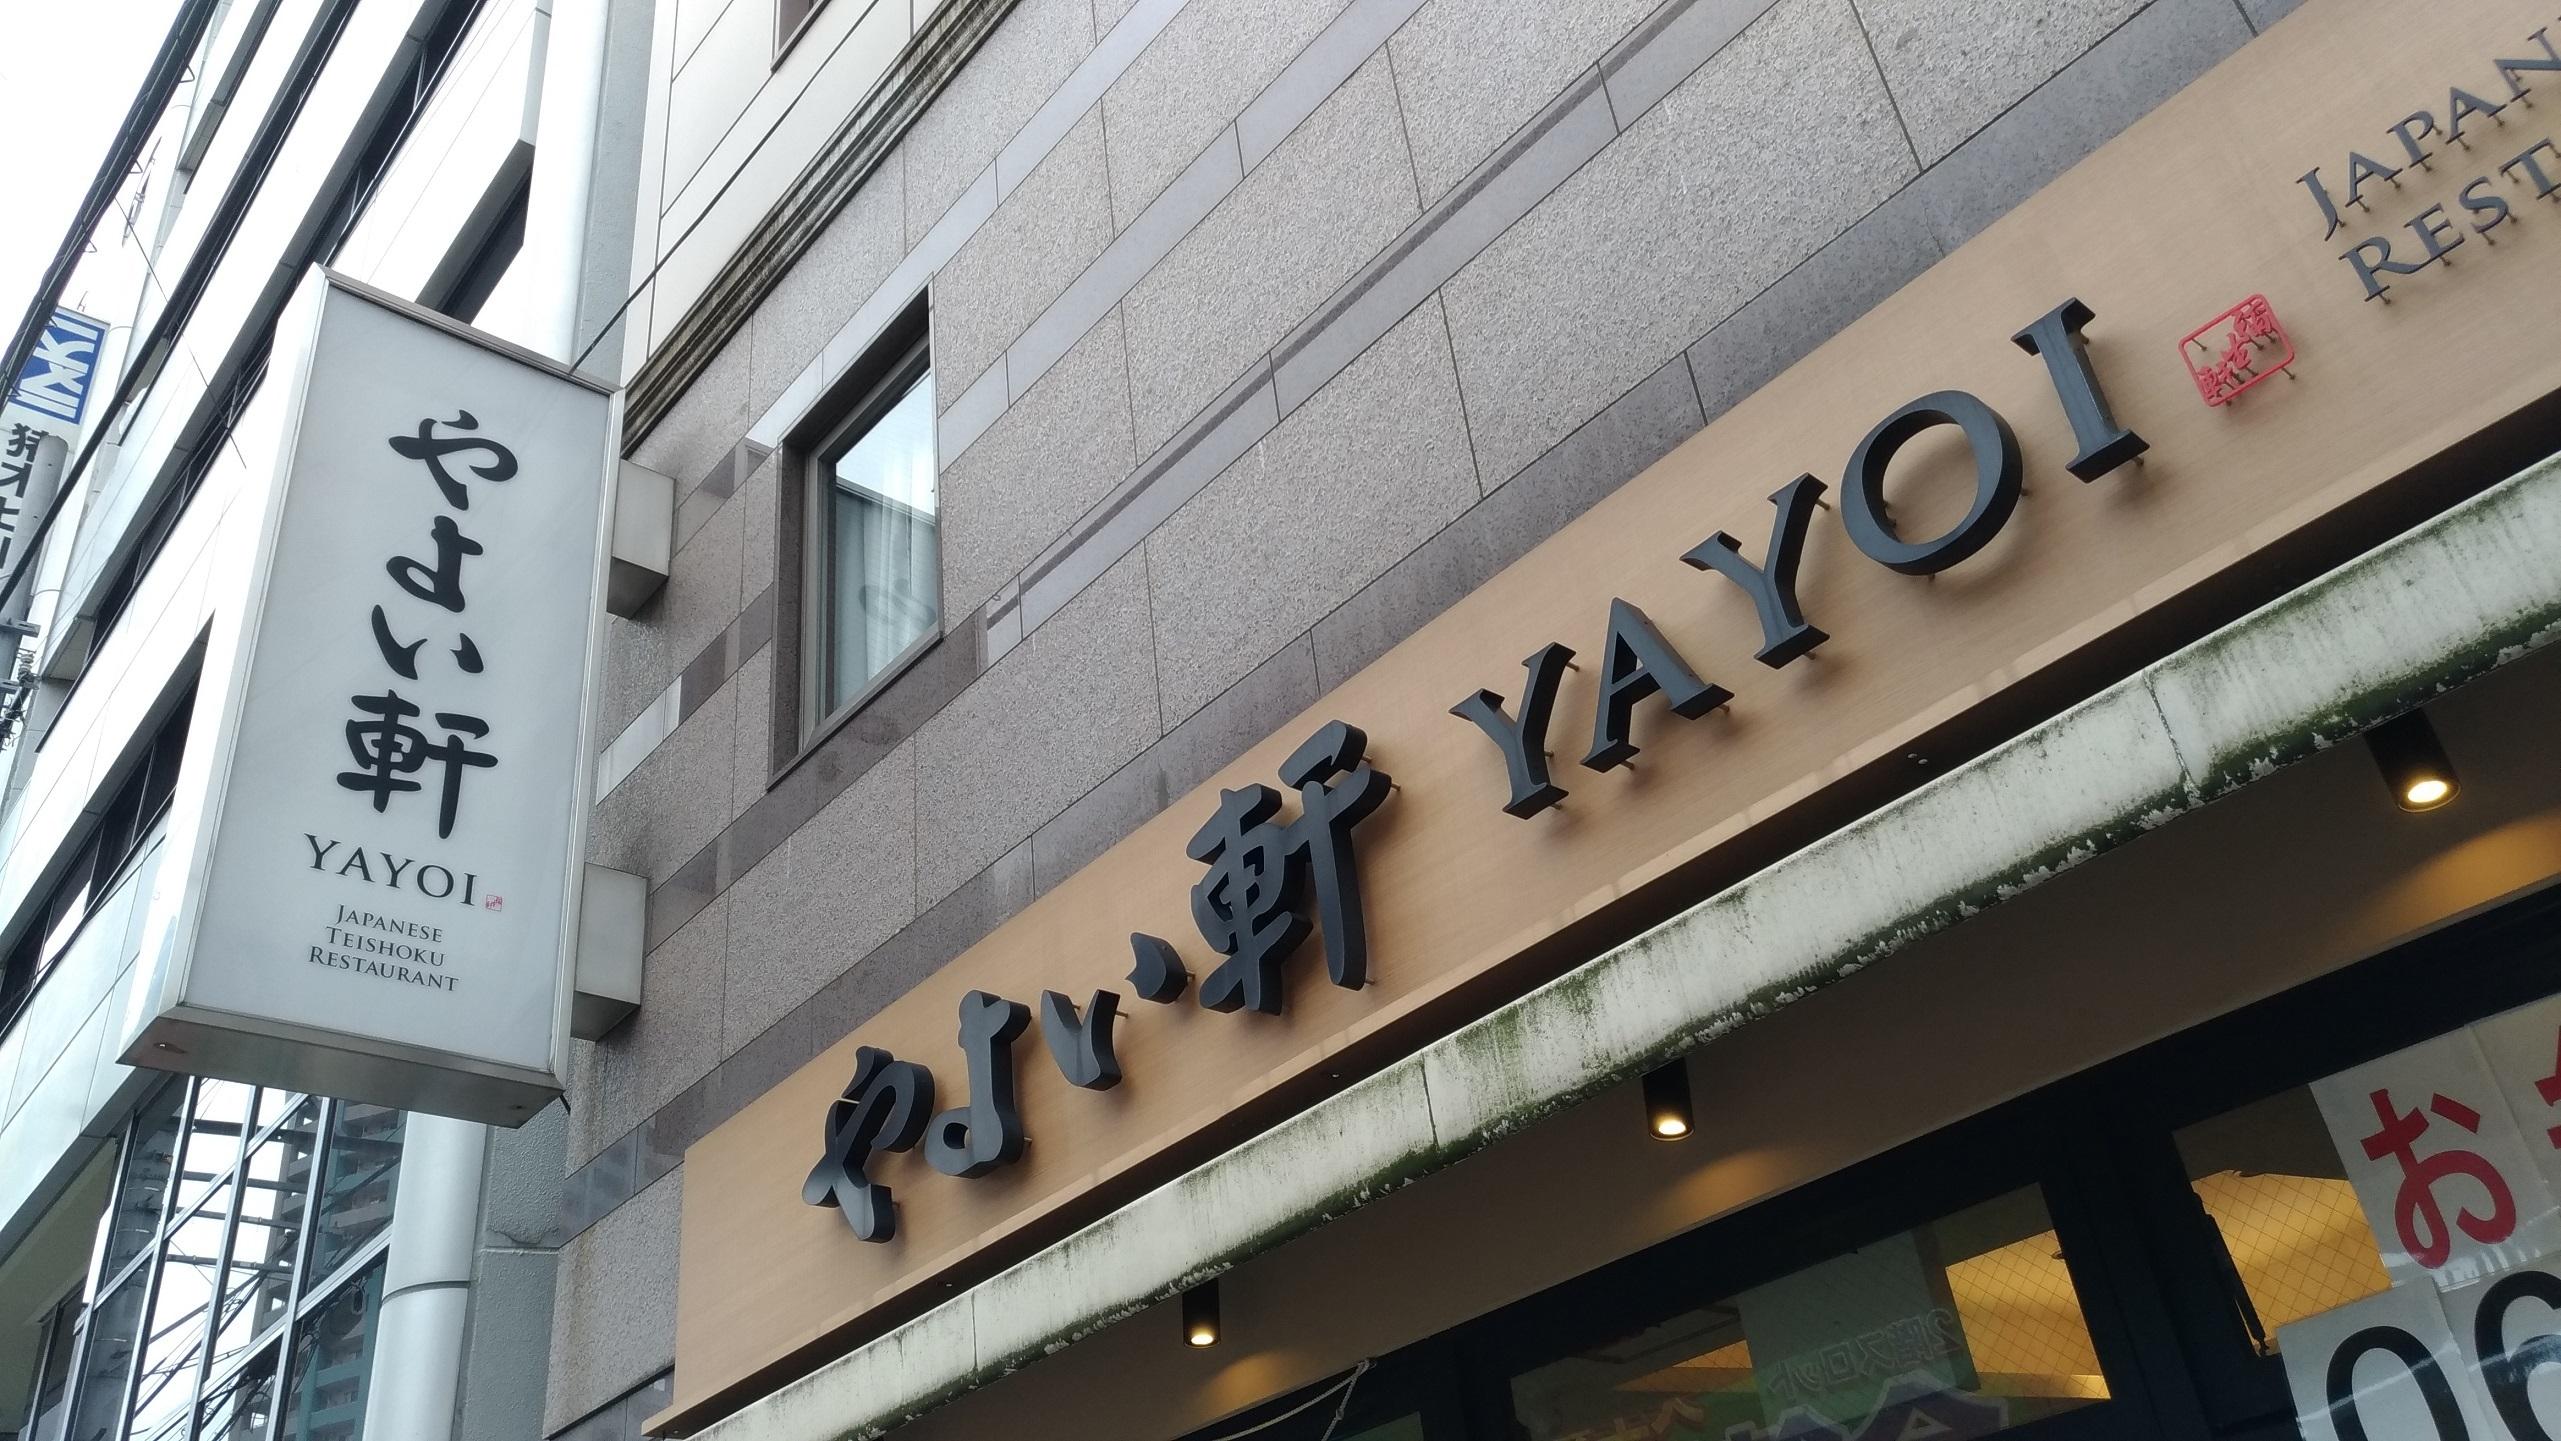 yayoi_lunch_0917.jpg